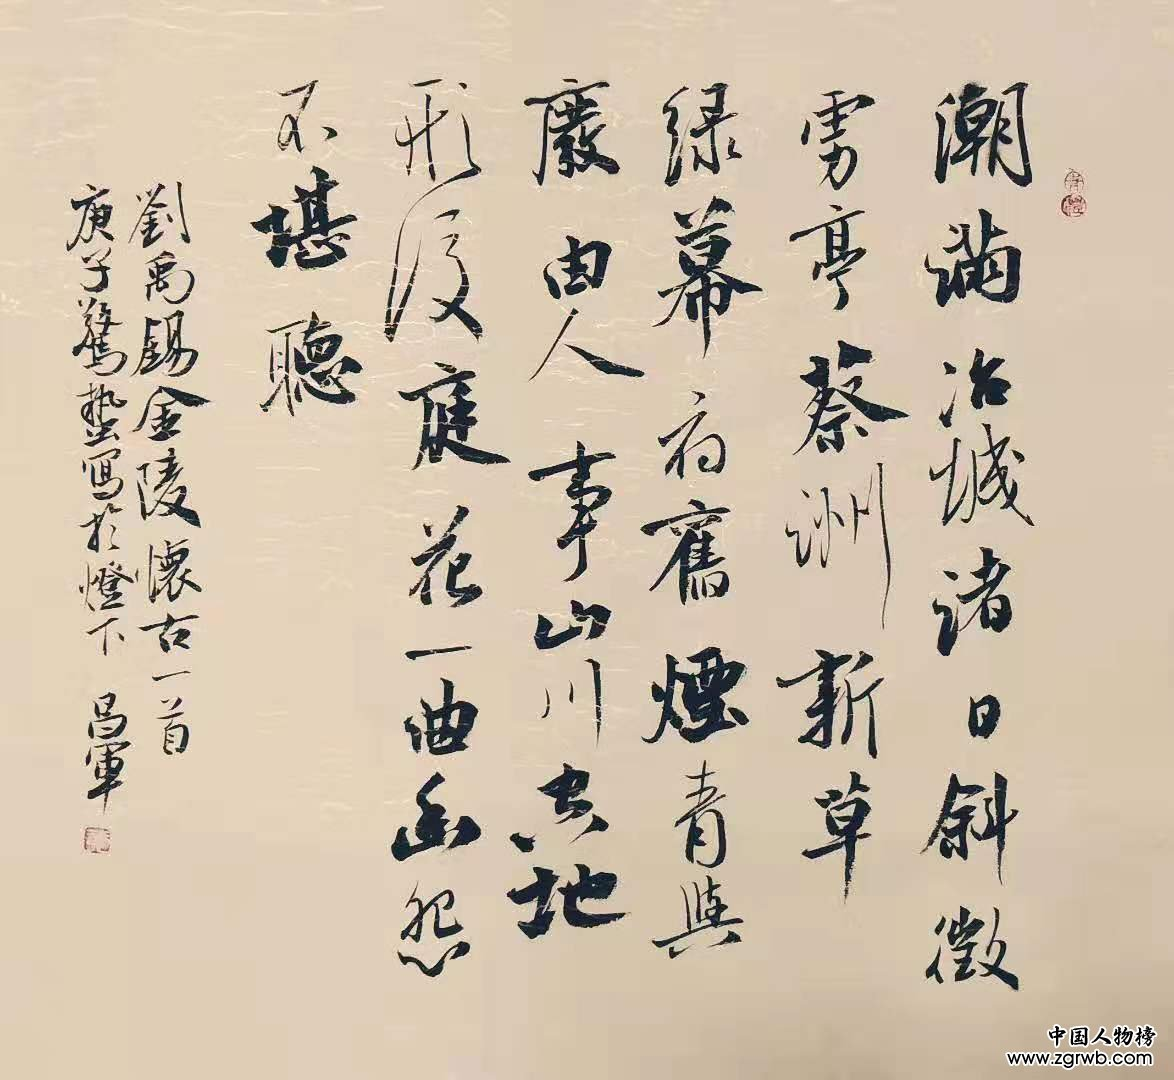 全国名人书画艺术风采展示--黄昌军